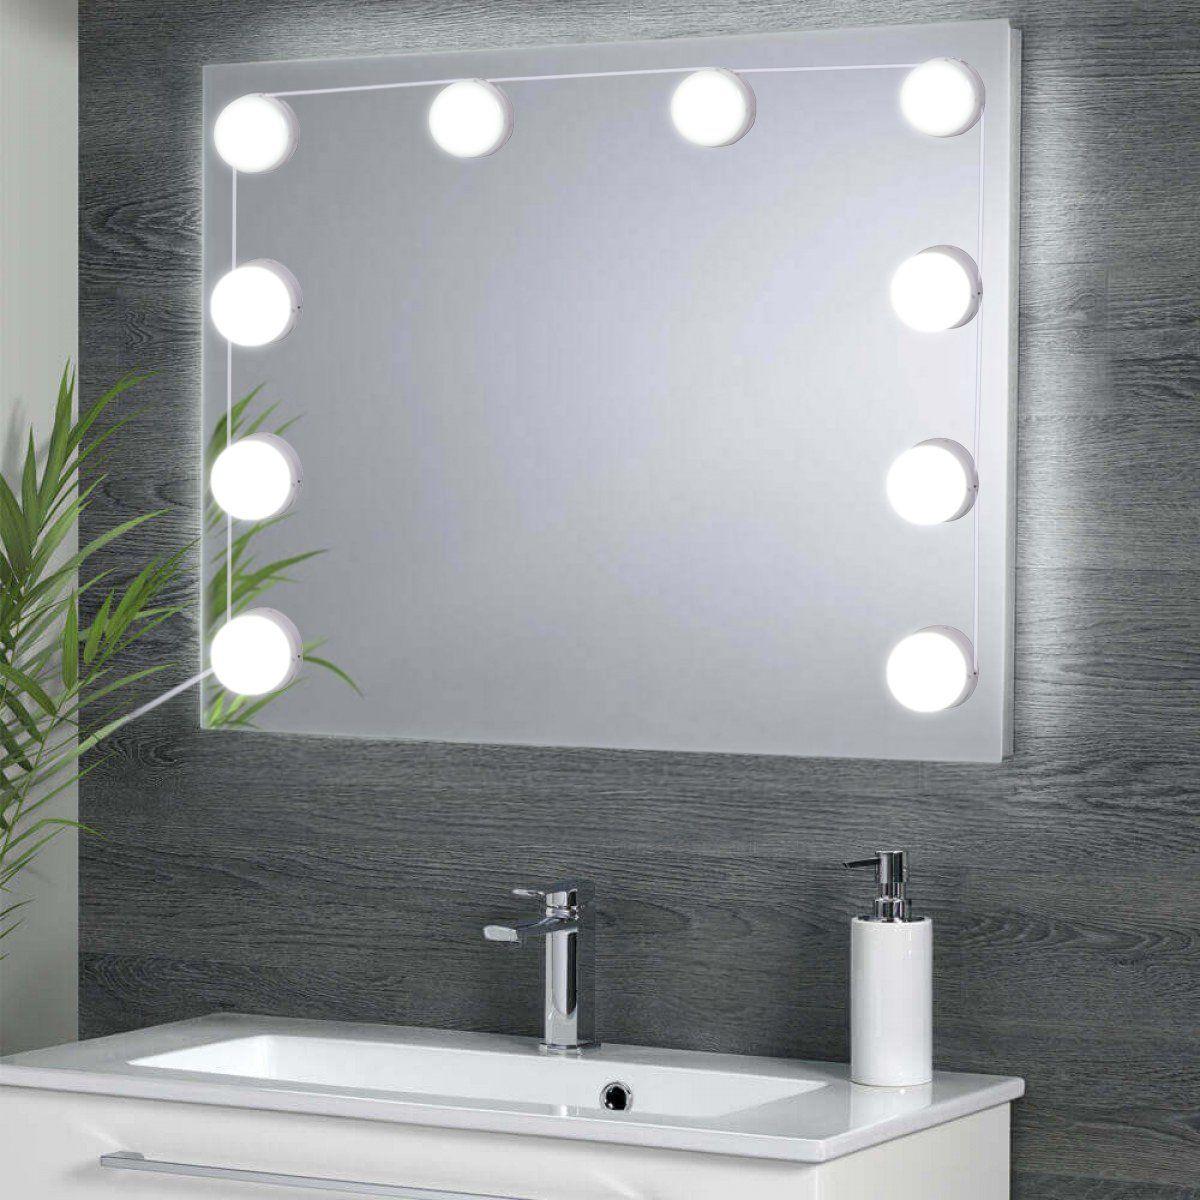 Spiegel Beleuchtung Dimmbar Led Spiegelleuchte 6500k Led Hollywood Stil Led Schminkspiegel Kit Kaltweiss Warmes Ama Beleuchtungsideen Led Schminkspiegel